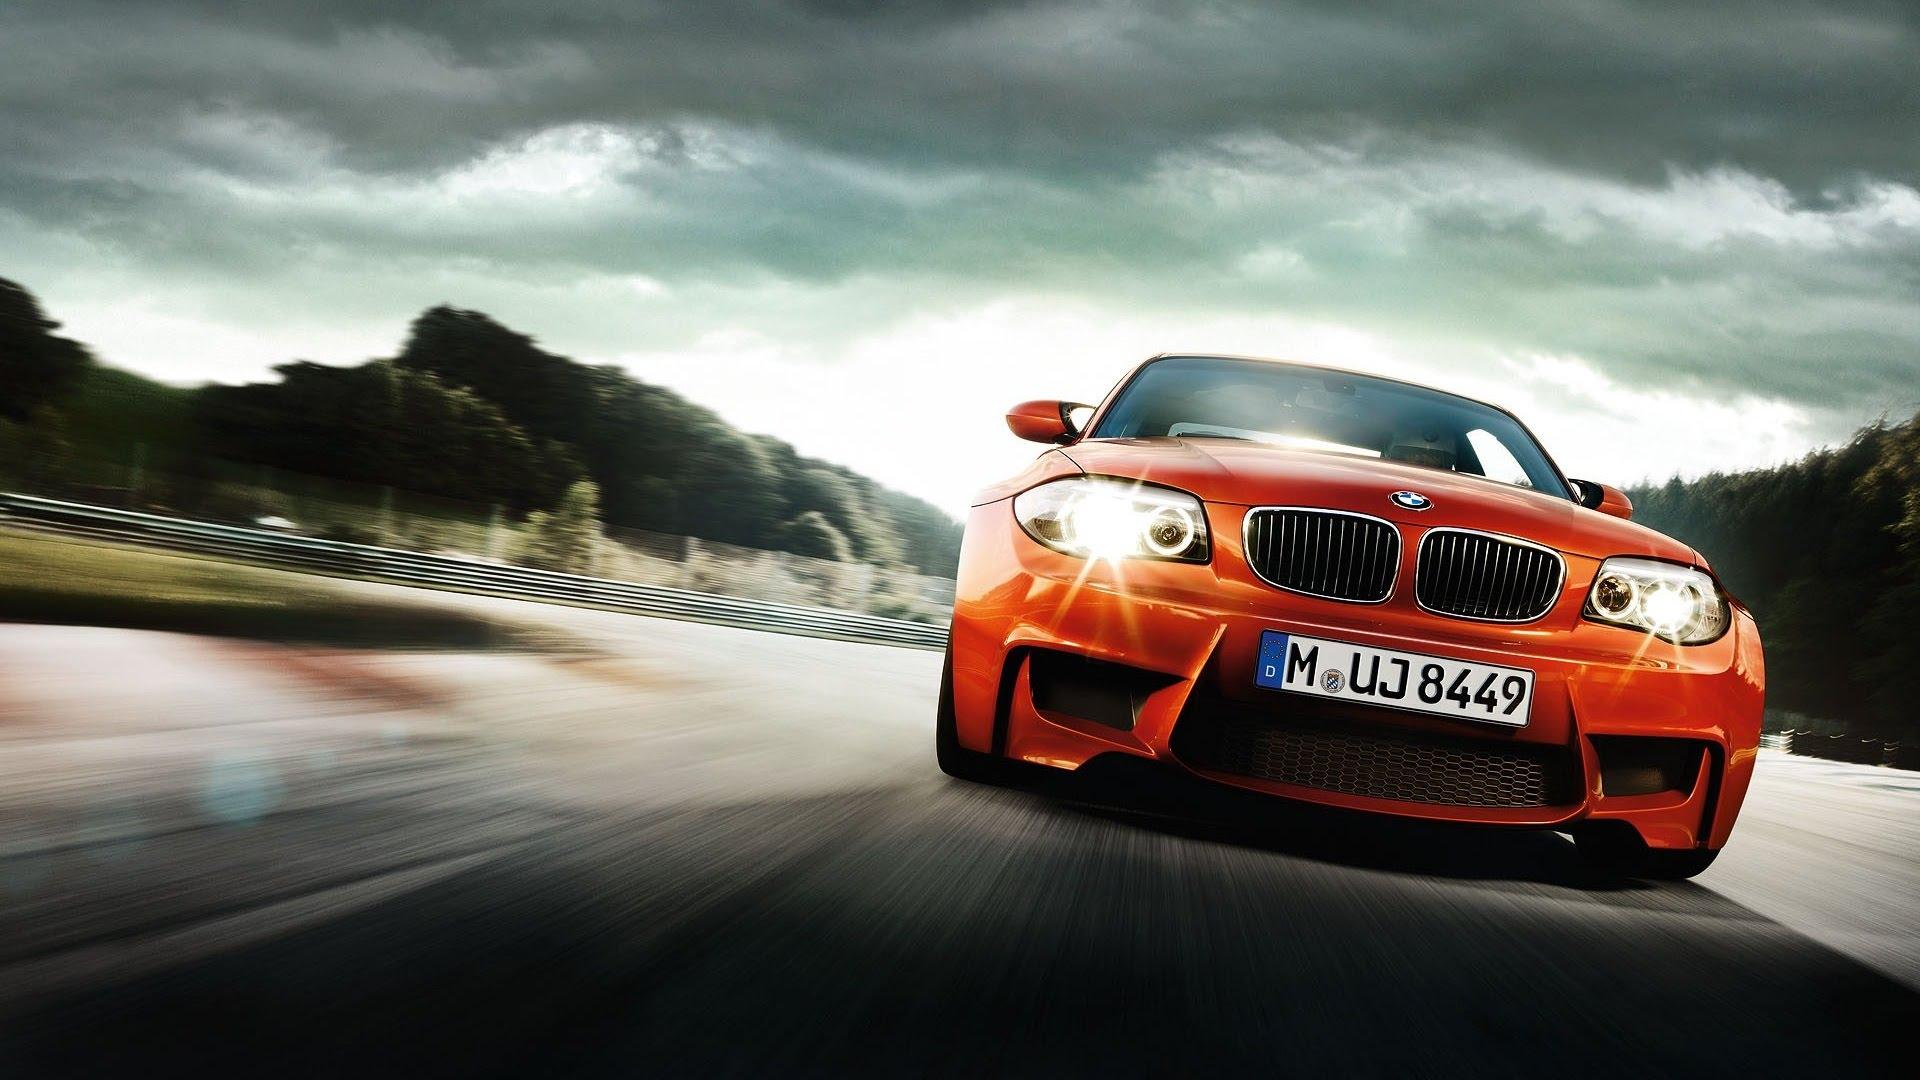 بالصور ماركة سيارات فخمة , افضل الماركات العالمية للسيارات 6582 2